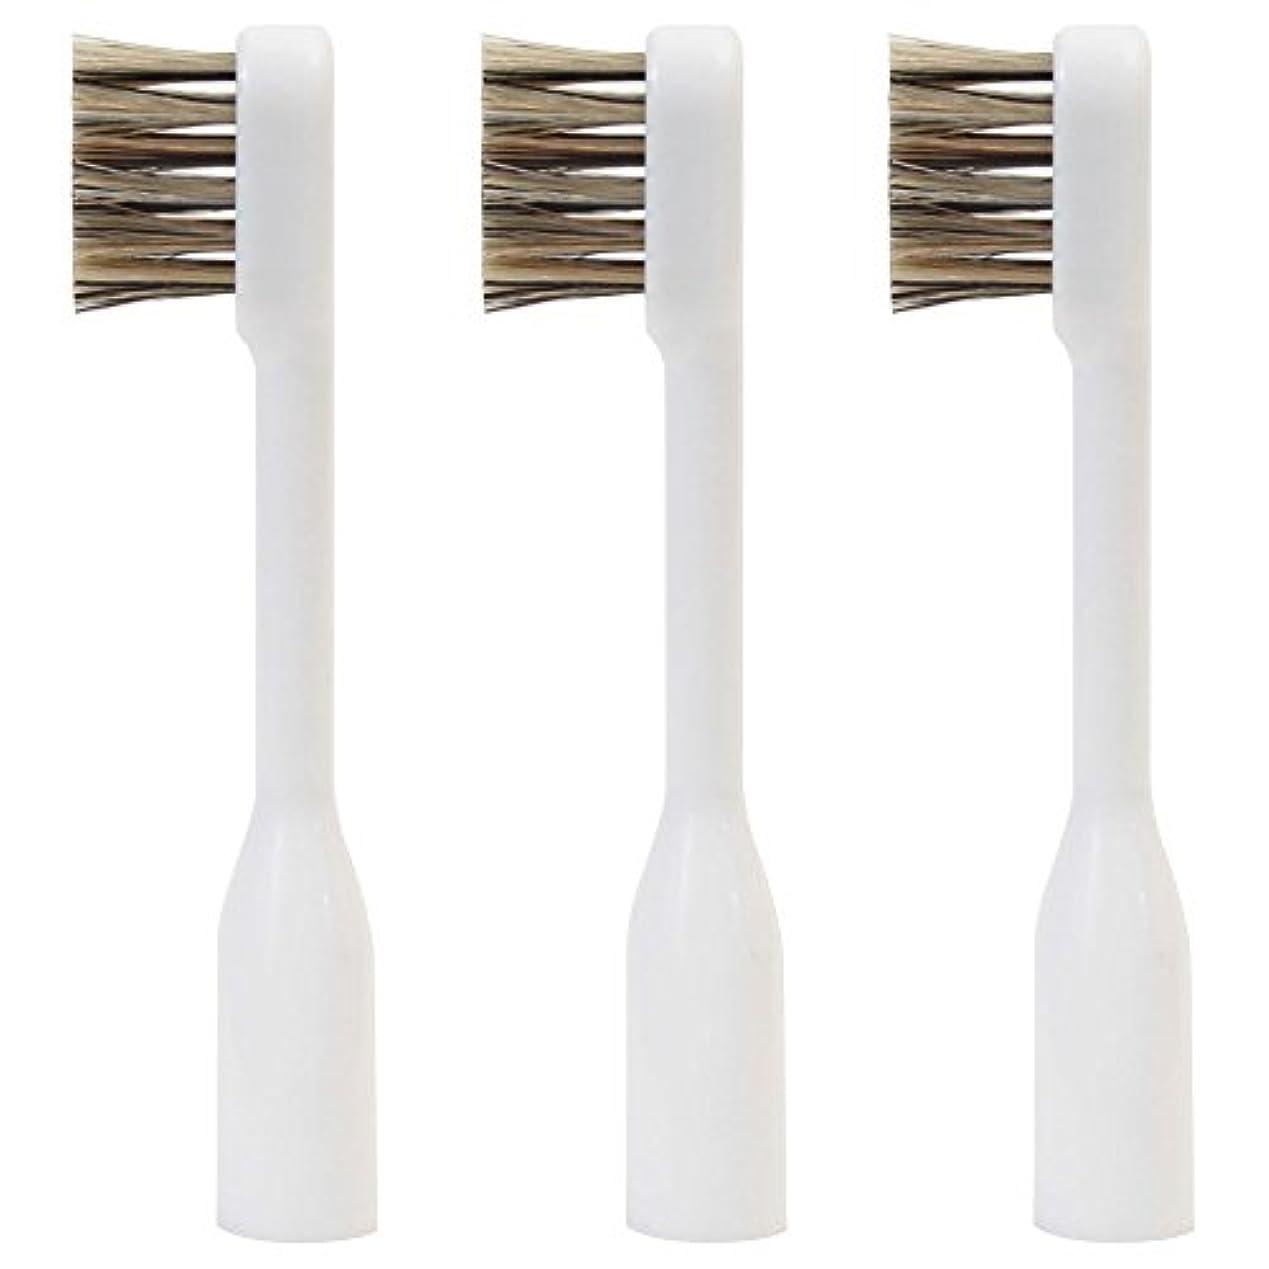 非アクティブ筋肉のアミューズラテール 交換用スペアブラシ 天然毛 スモールヘッド